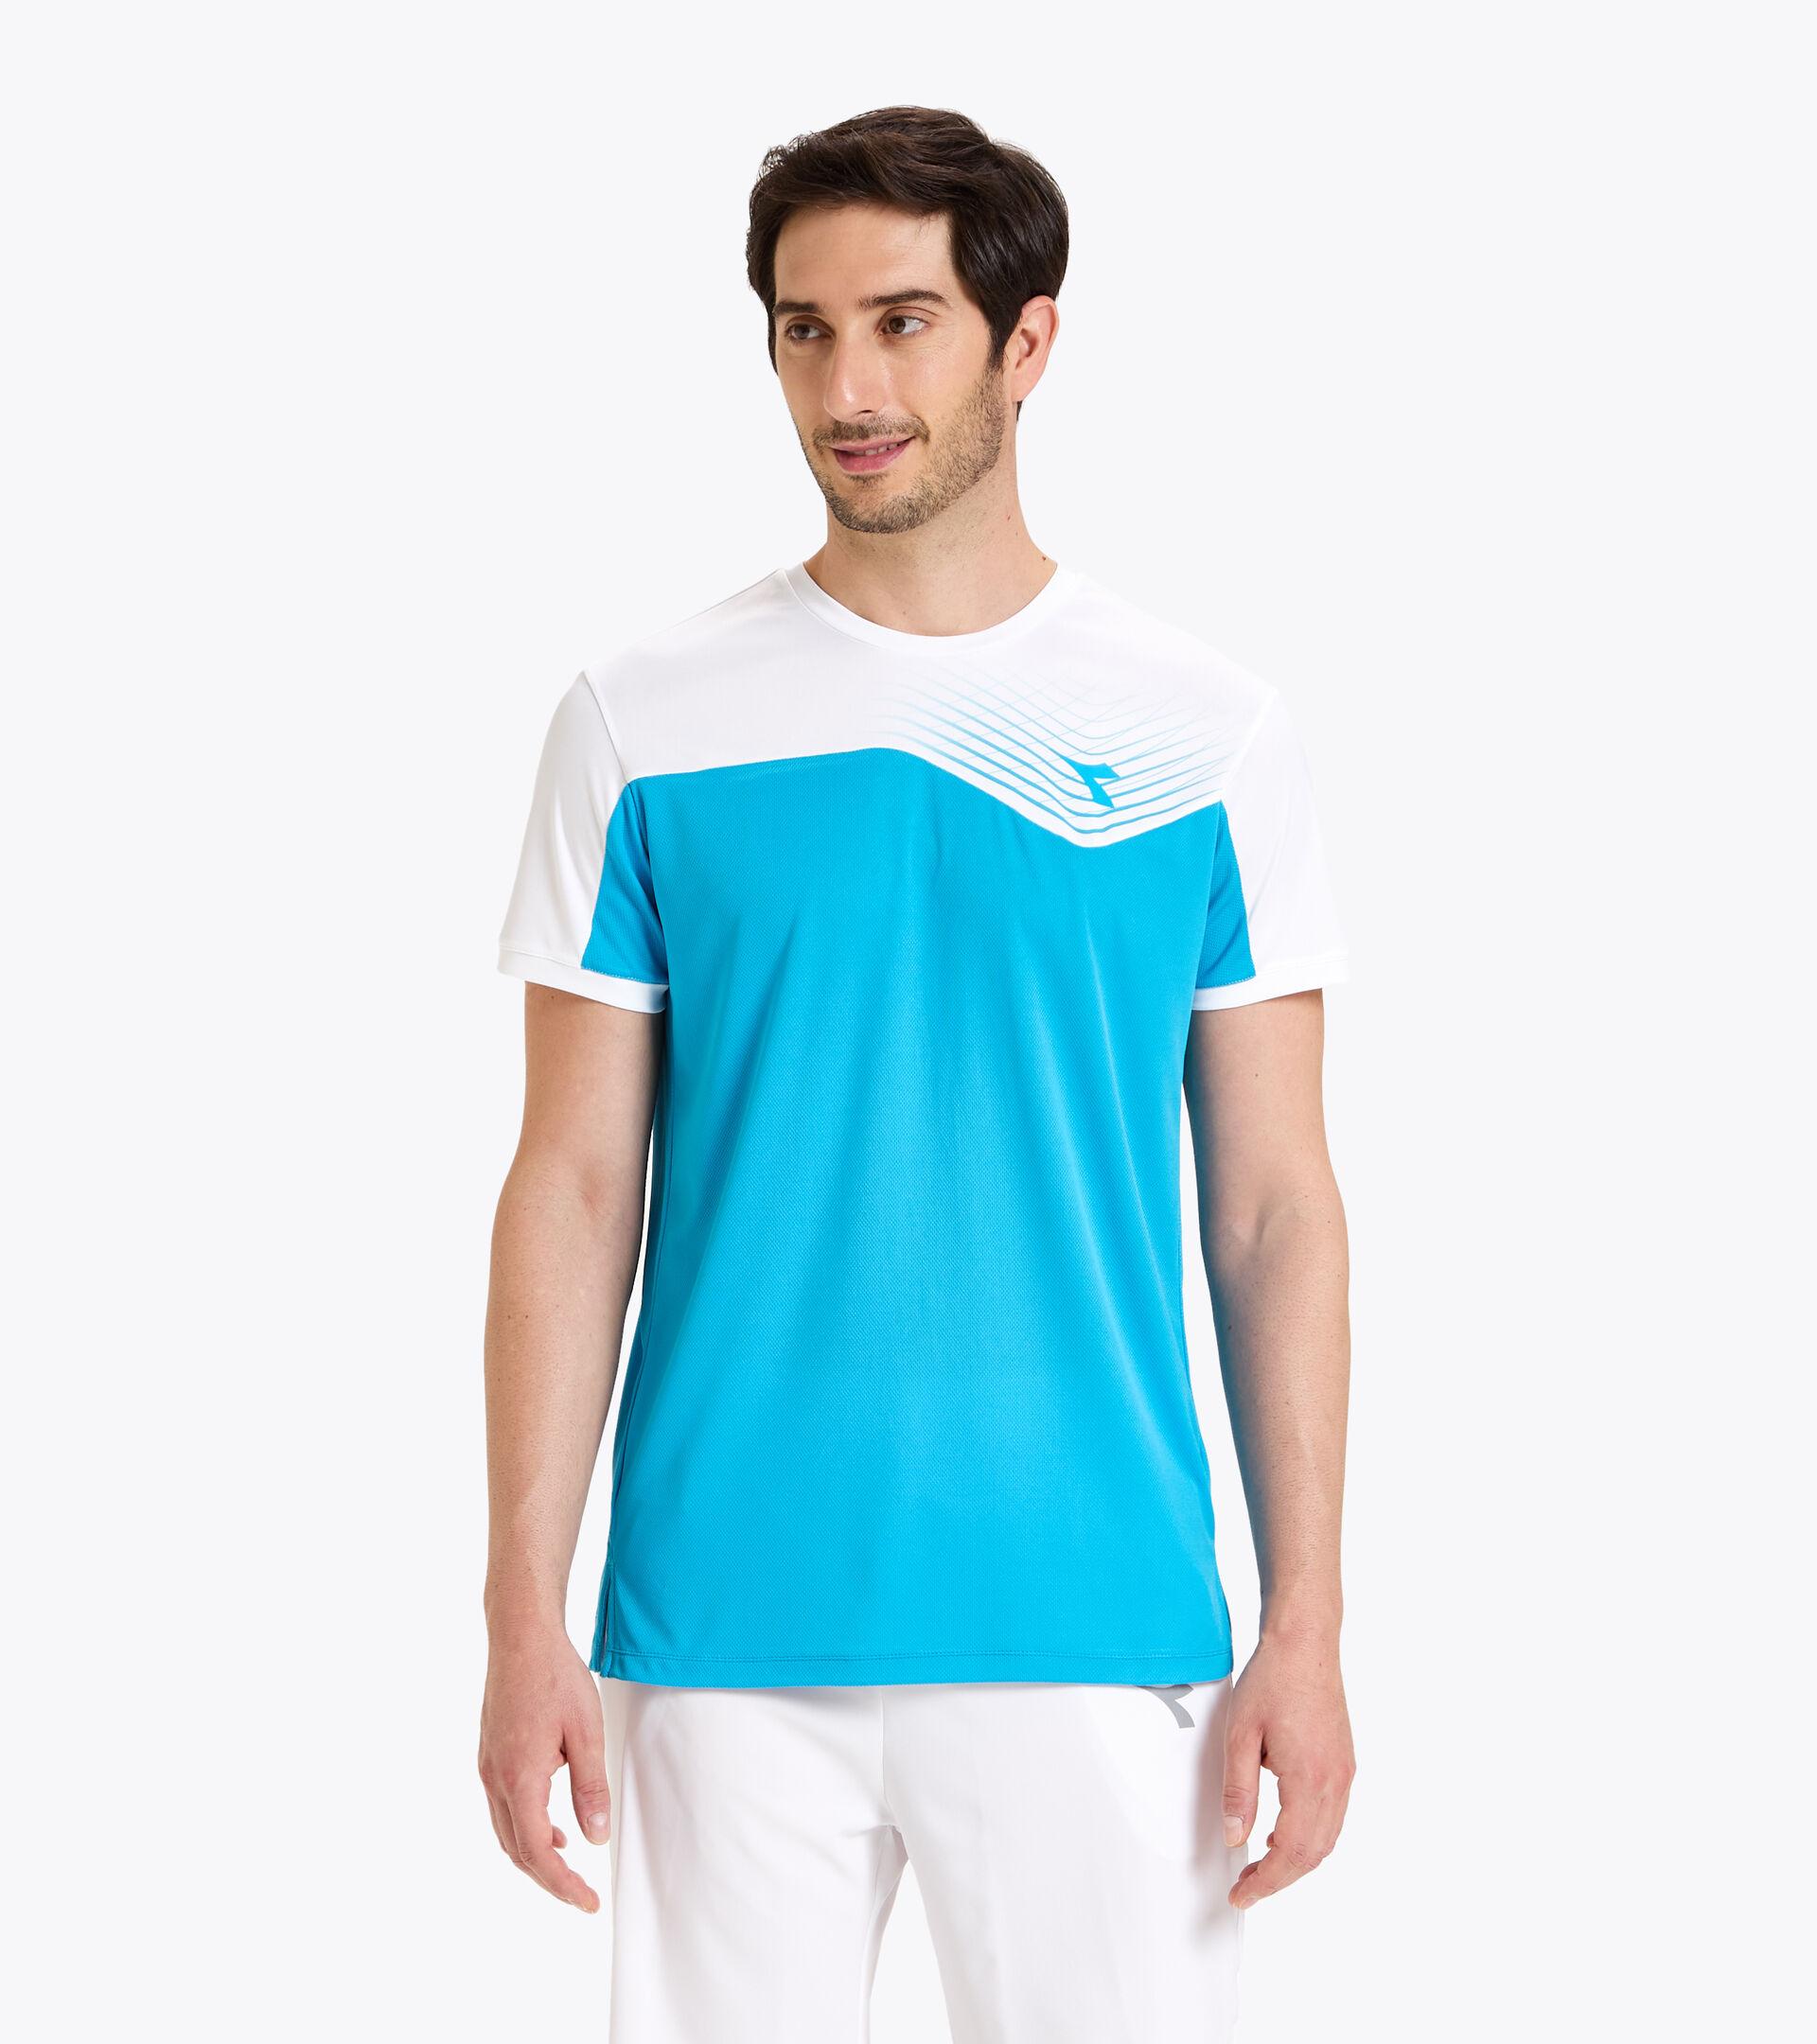 Tennis T-shirt - Men T-SHIRT COURT ROYAL FLUO - Diadora